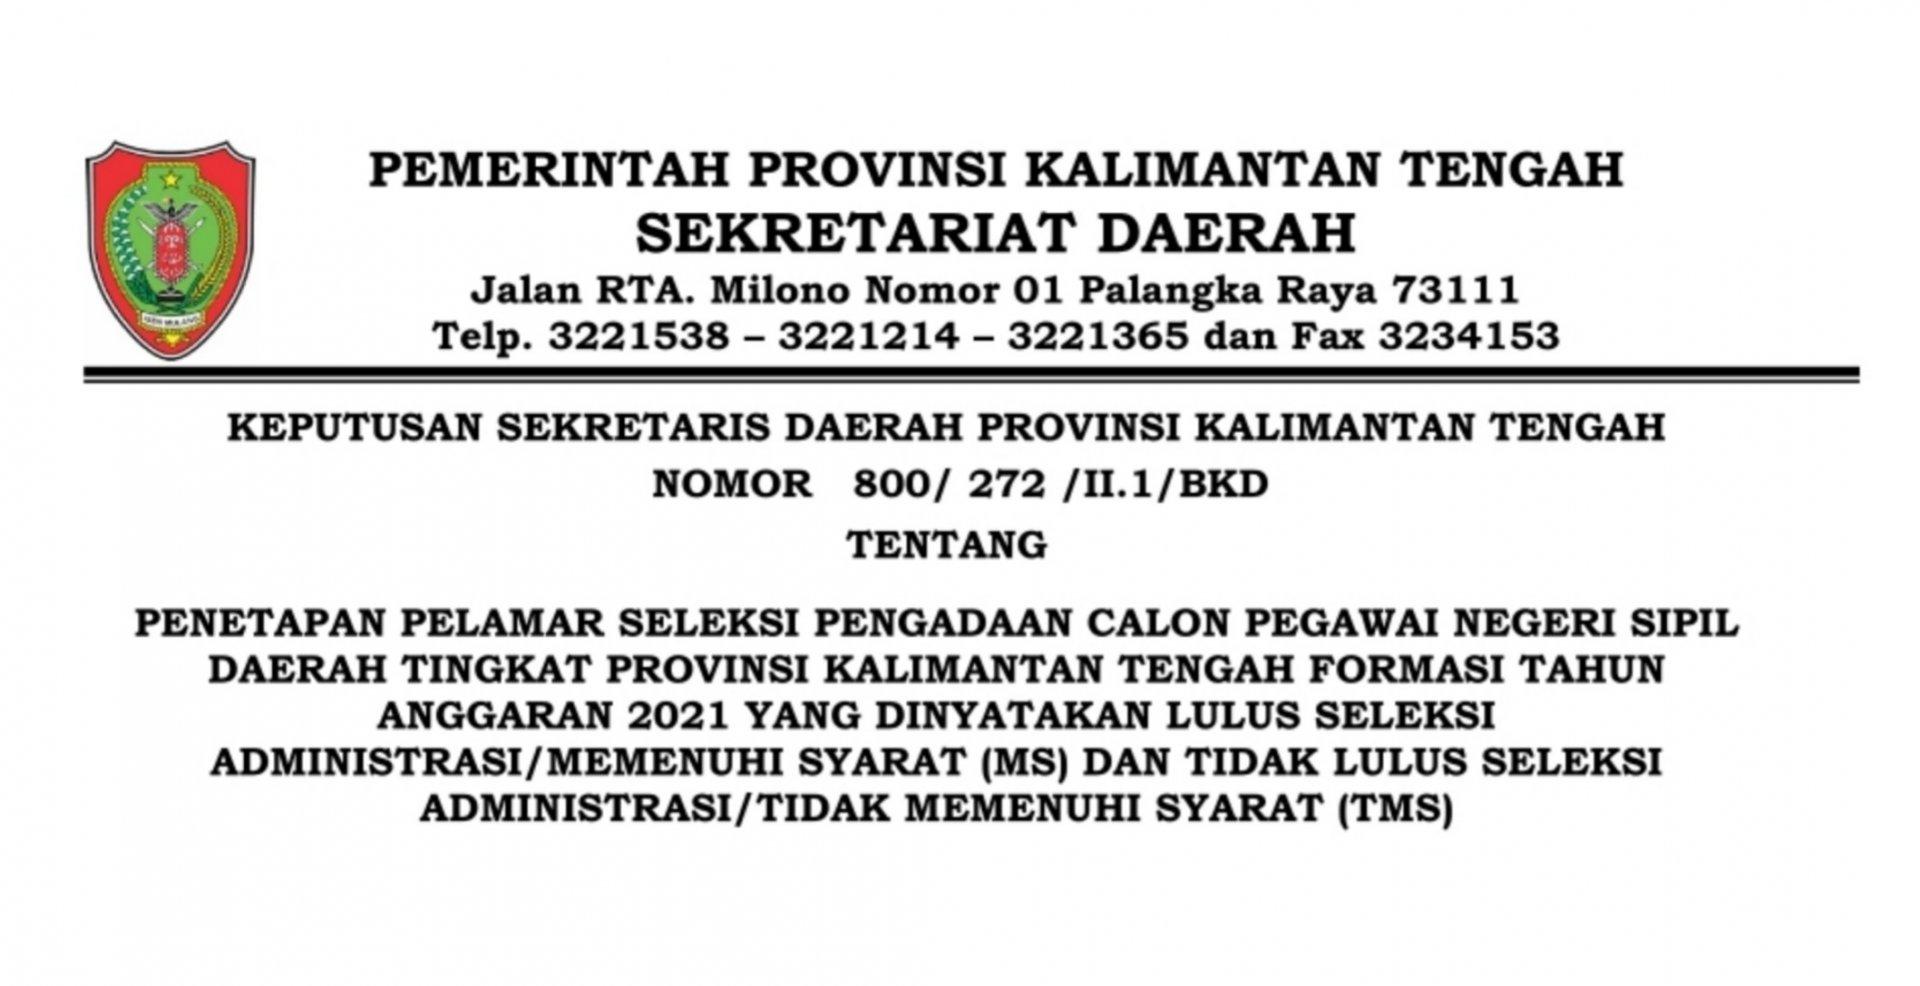 Pengumuman Hasil Seleksi Administrasi Pengadaan CPNS Pemerintah Provinsi Kalimantan Tengah Formasi Tahun 2021